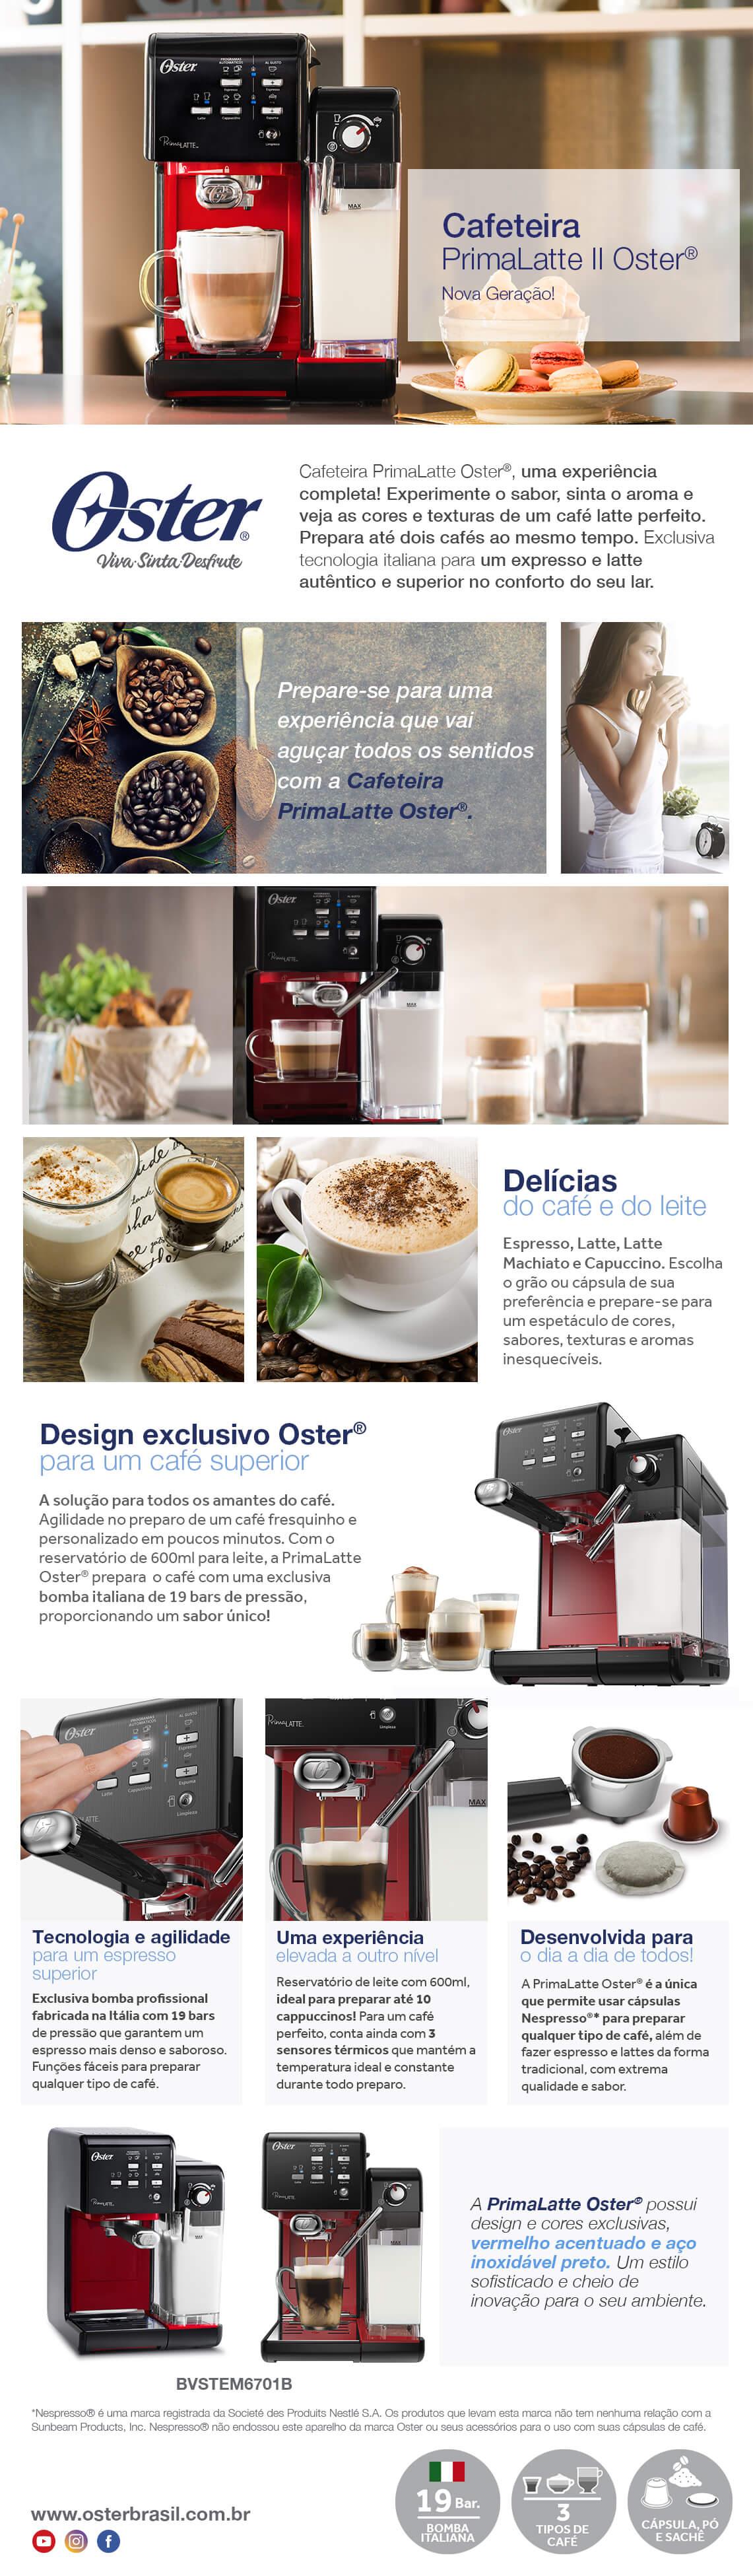 Cafeteira Espresso Multibebidas Oster PrimaLatte 0,6L Vermelha 220V